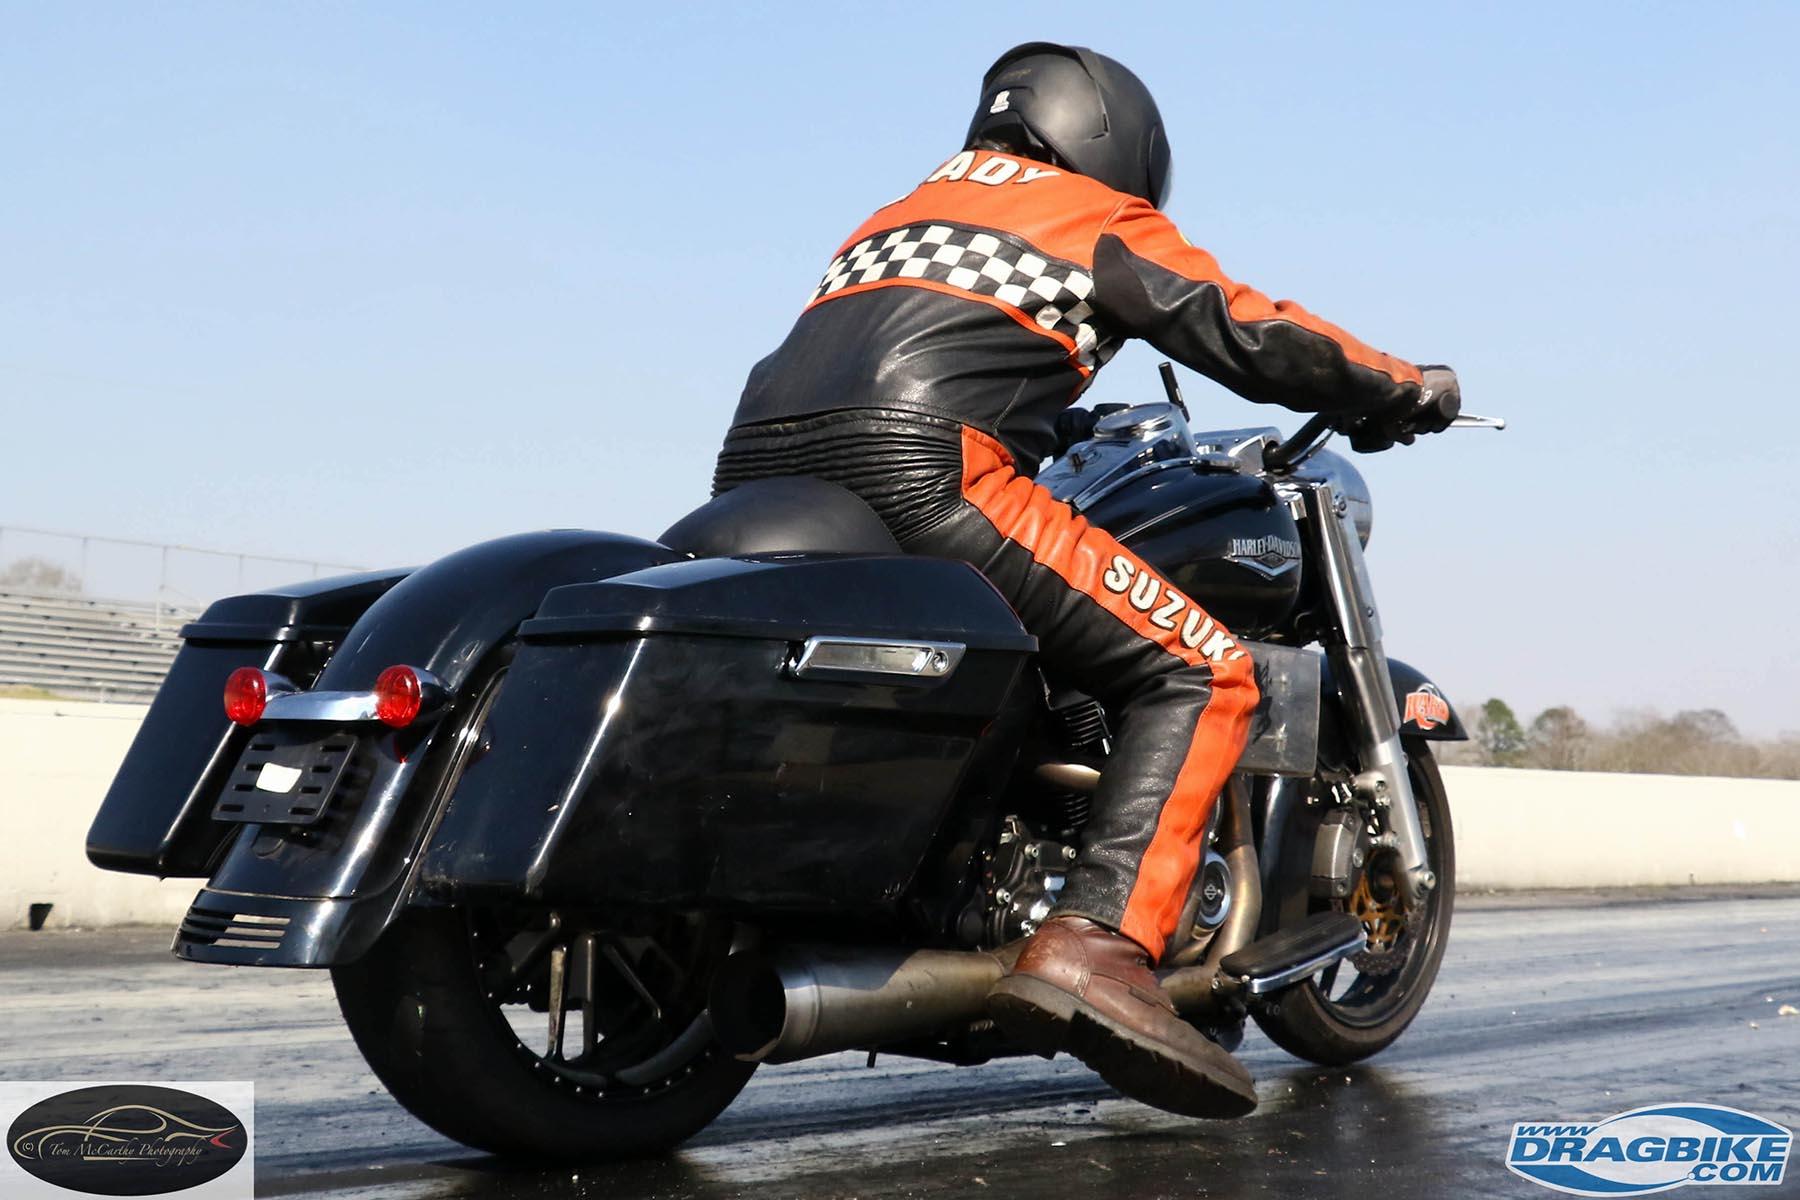 https://www.dragbike.com/wp-content/uploads/42021_HGW_0226_.jpg